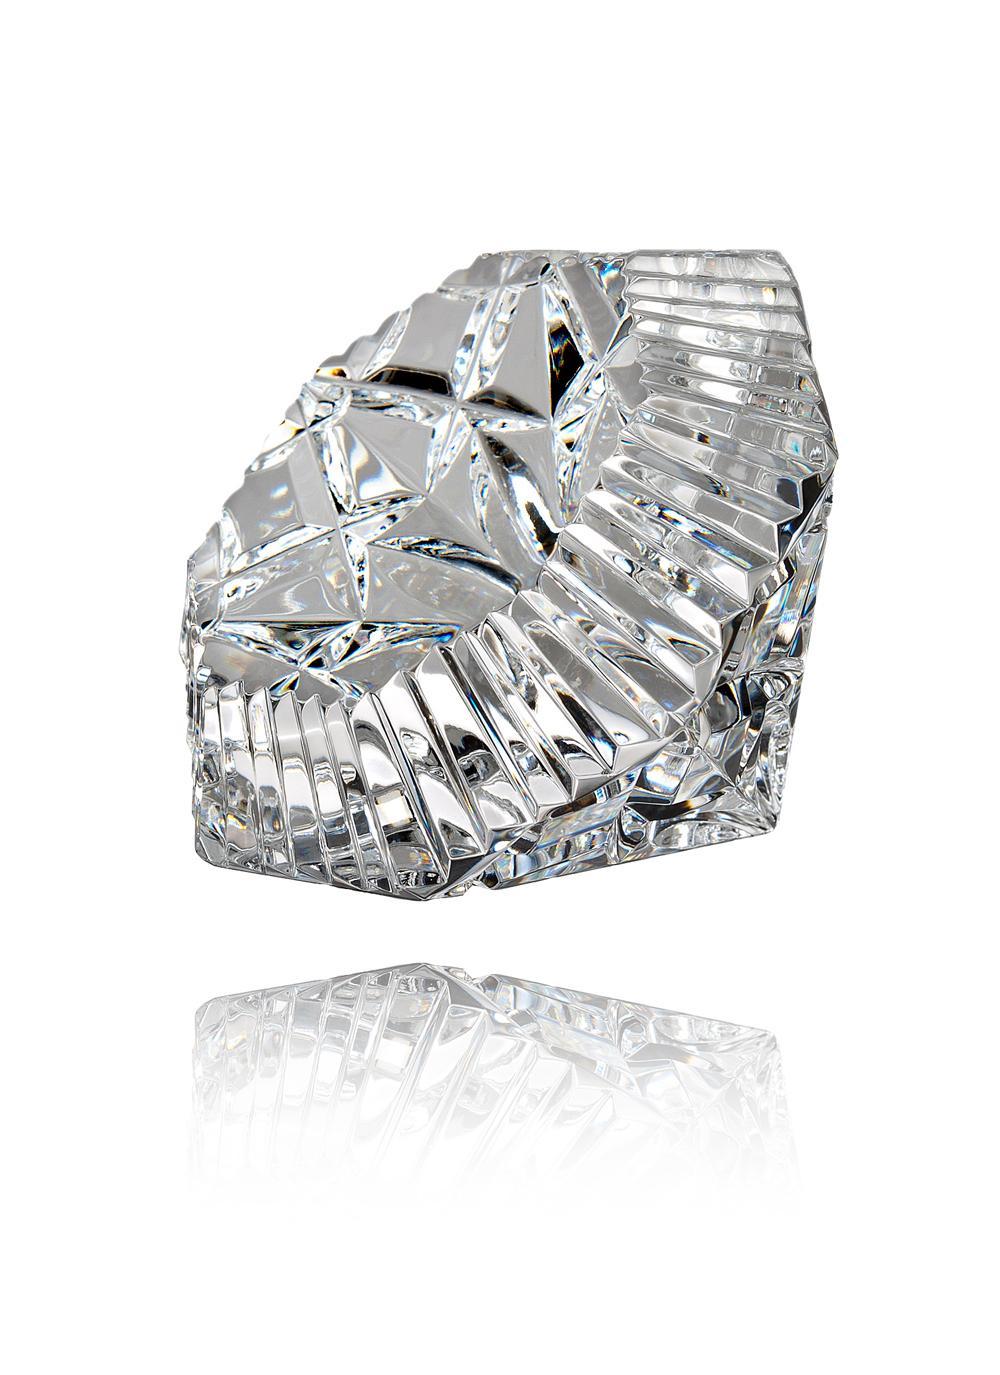 Waterford Crystal Lismore Jubilee Diamond Paperweight